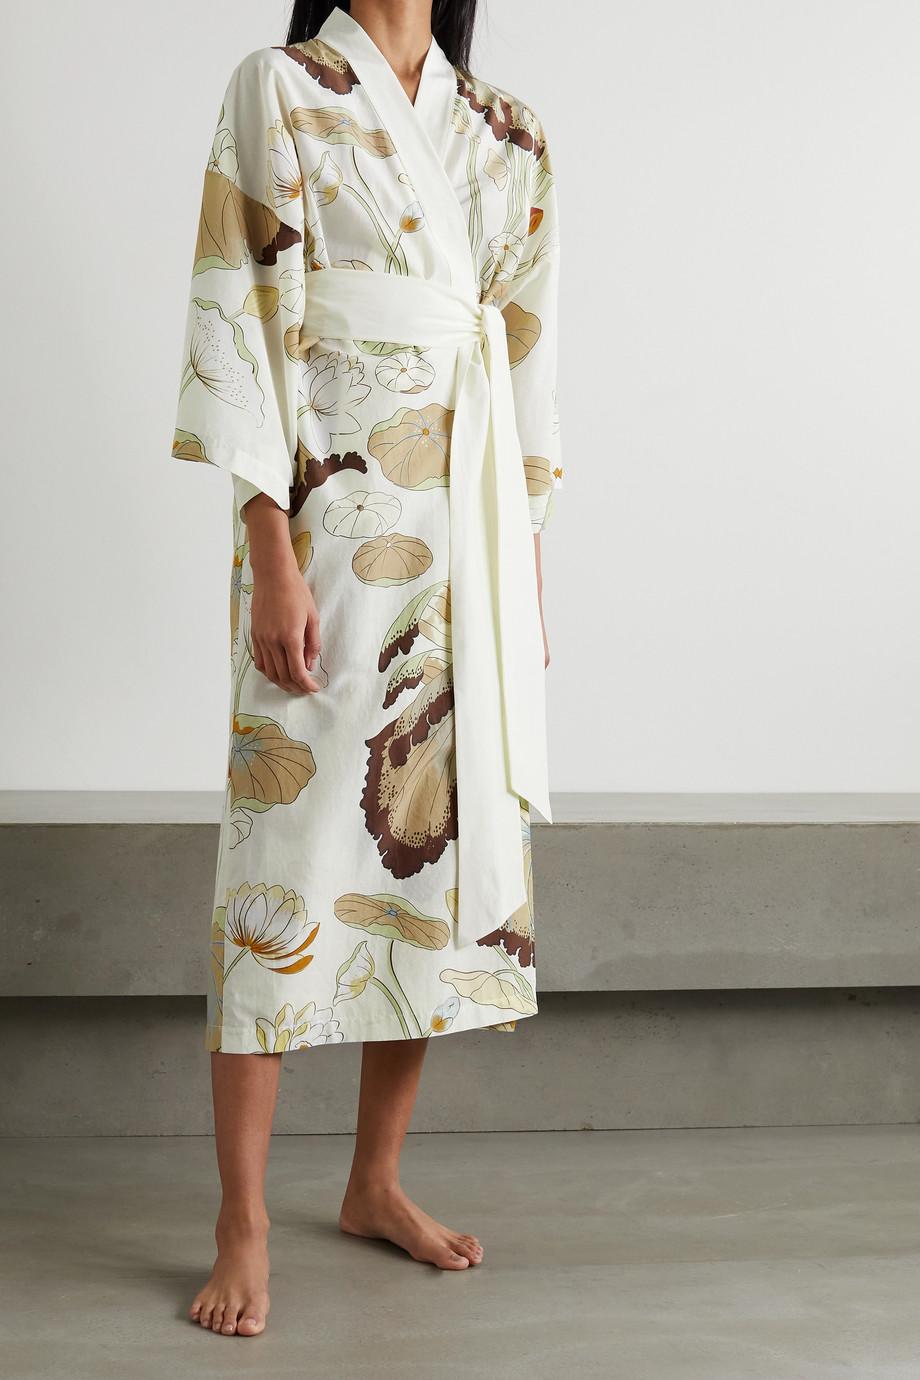 Olivia von Halle Amaya Morgenmantel aus einer Baumwoll-Seidenmischung mit Blumenprint